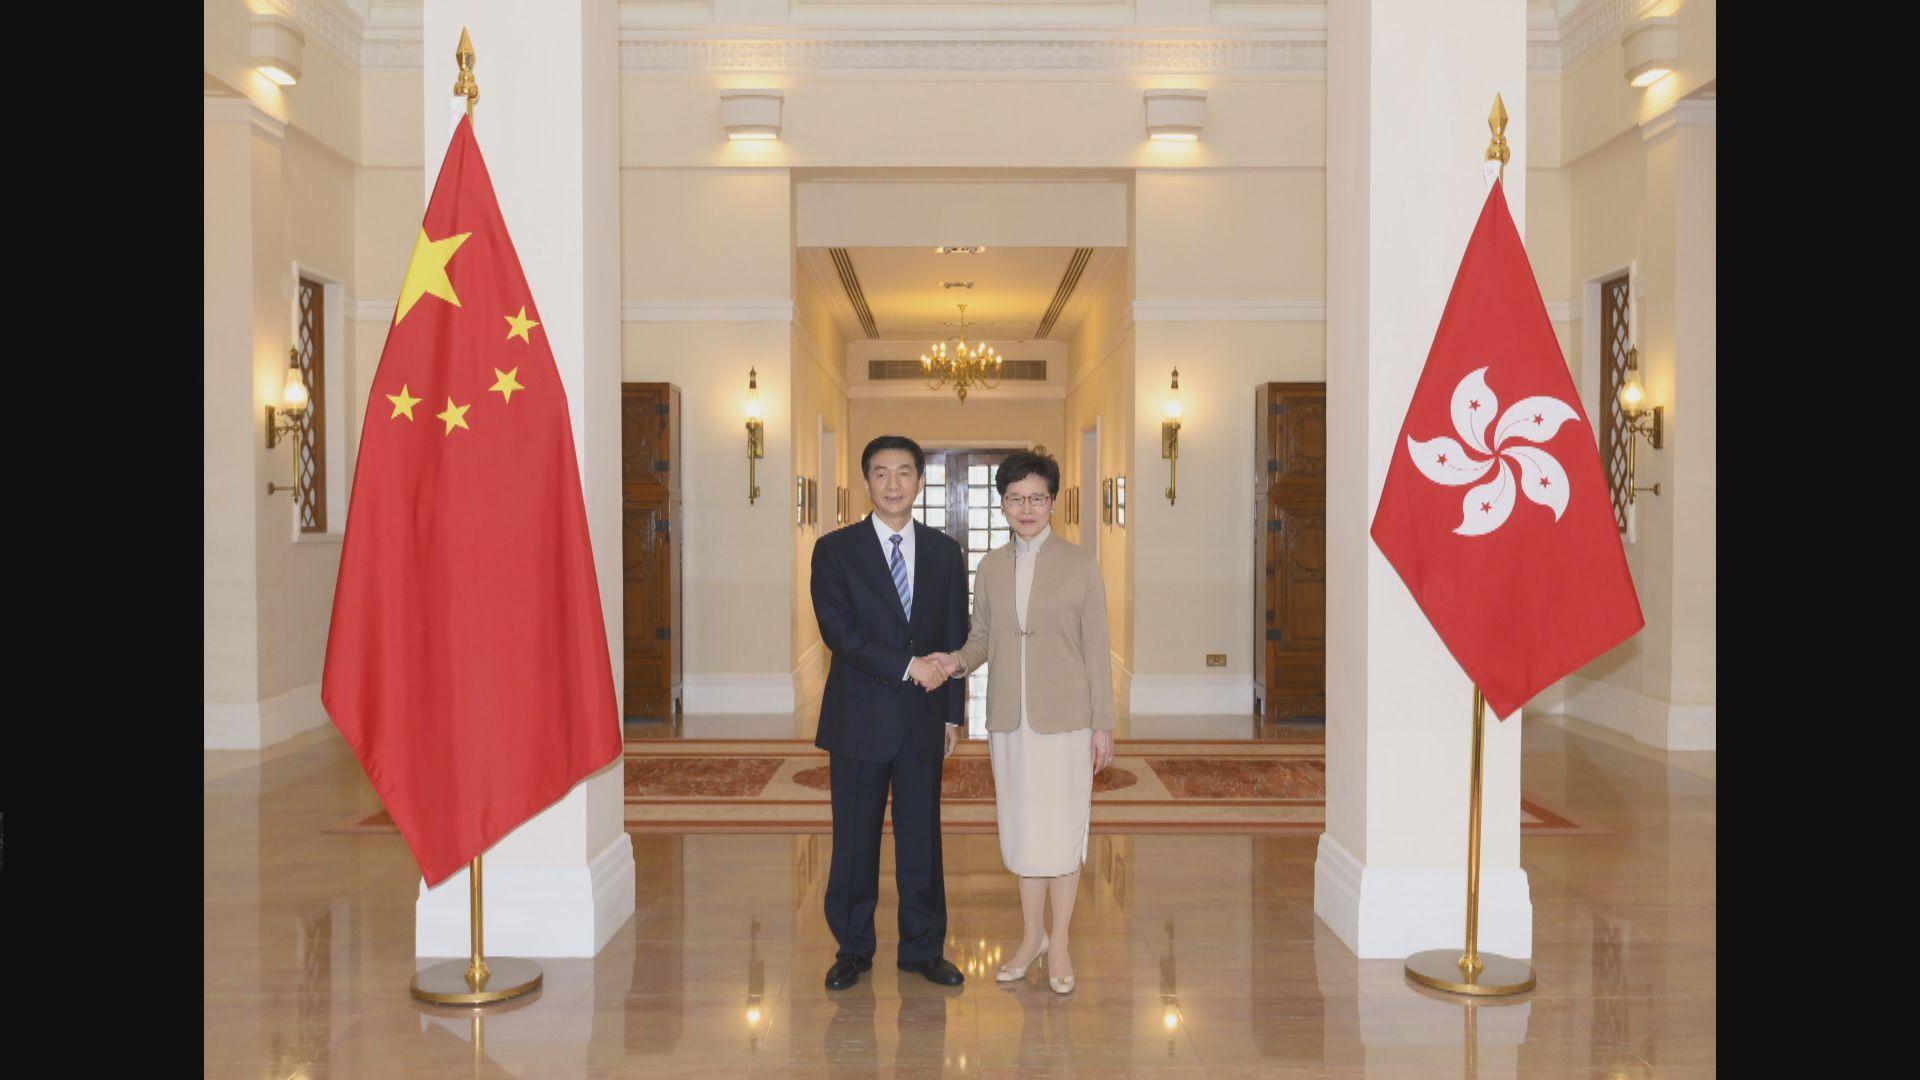 中聯辦:全力支持行政長官及特區政府依法施政